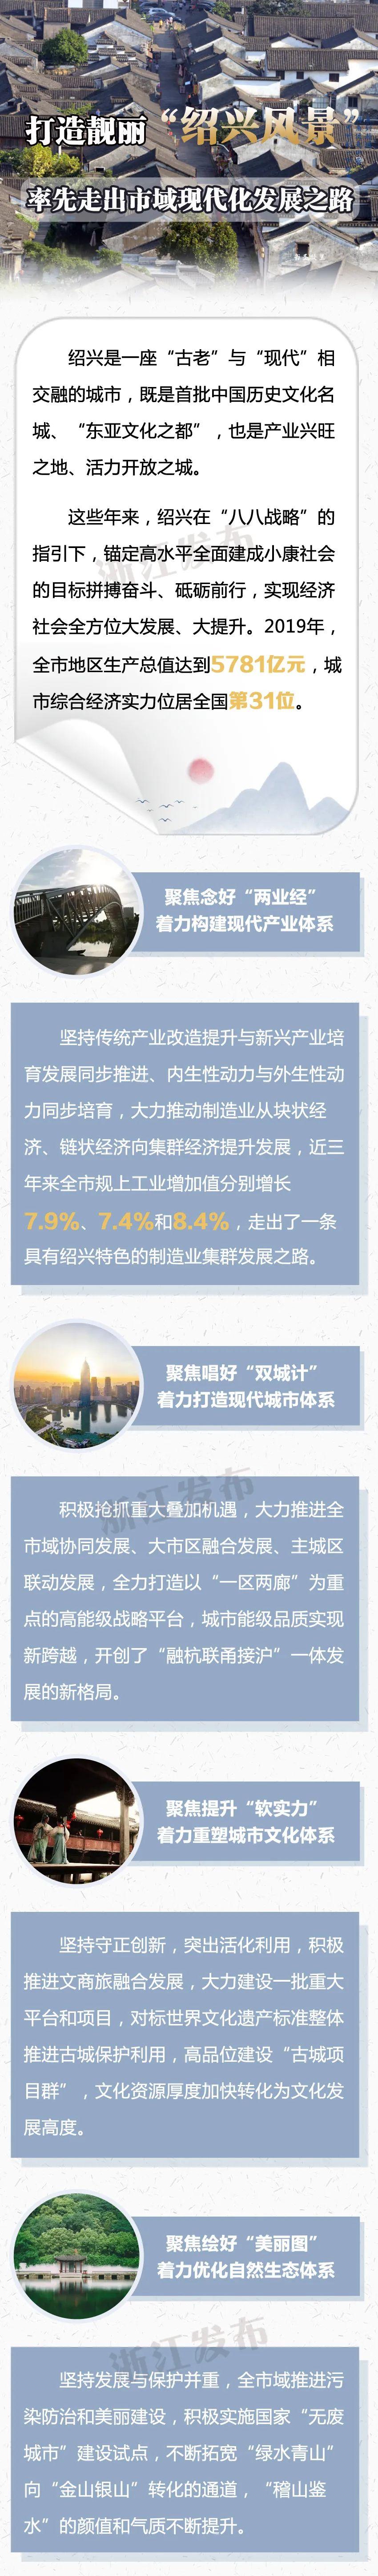 杭州绍兴啥时候可直通地铁?杭州2022年亚运会绍兴要承办哪些赛事?权威解答来了~图片